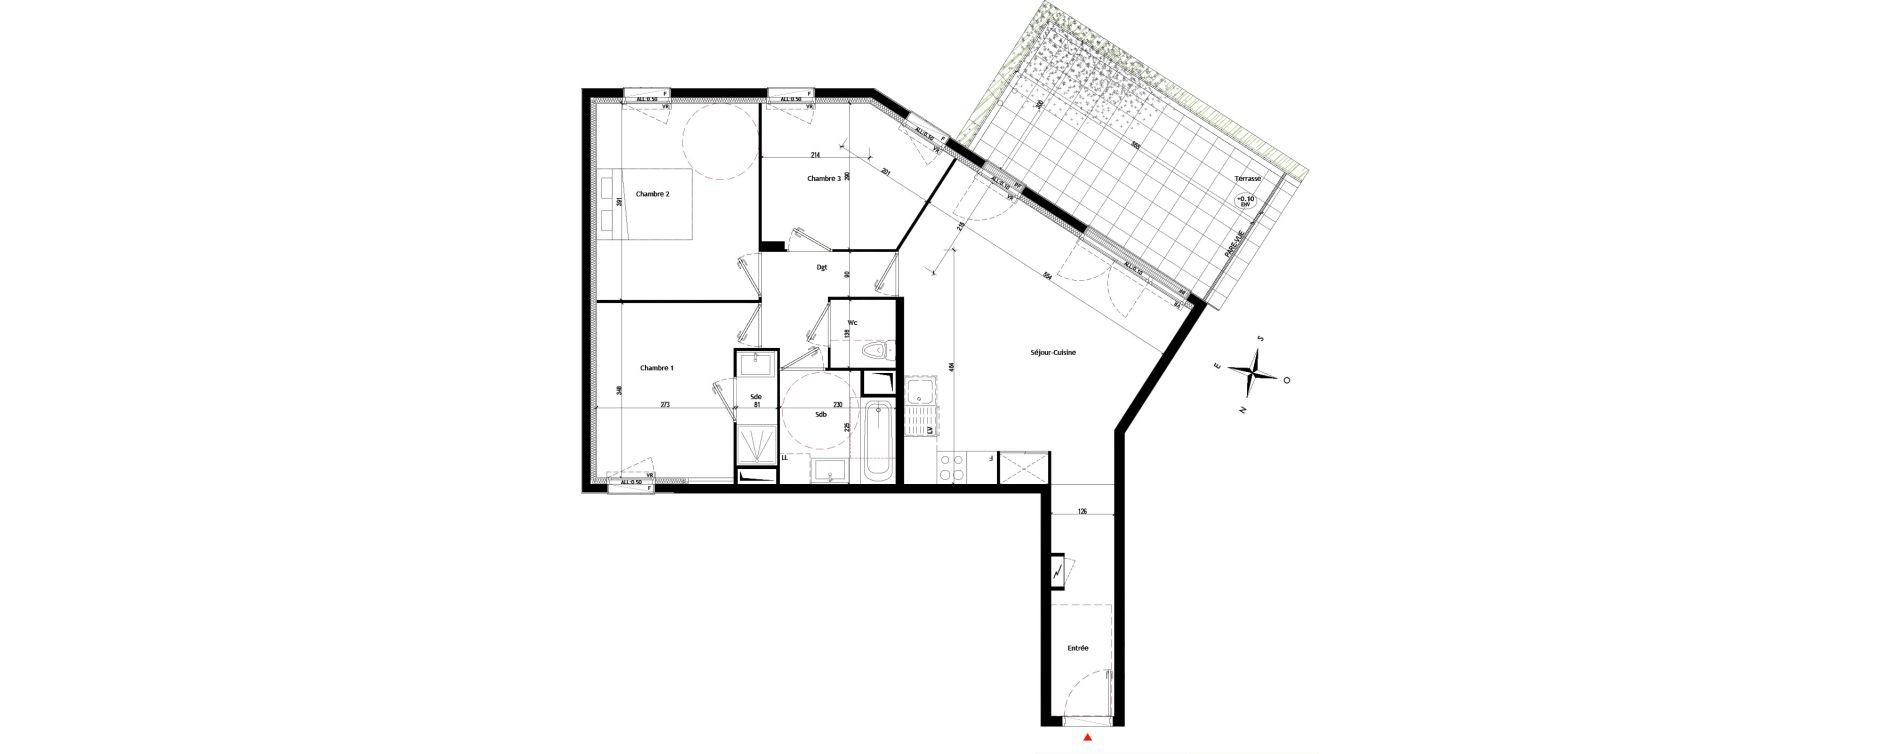 Appartement T4 de 75,26 m2 à Montfermeil Les coudreaux